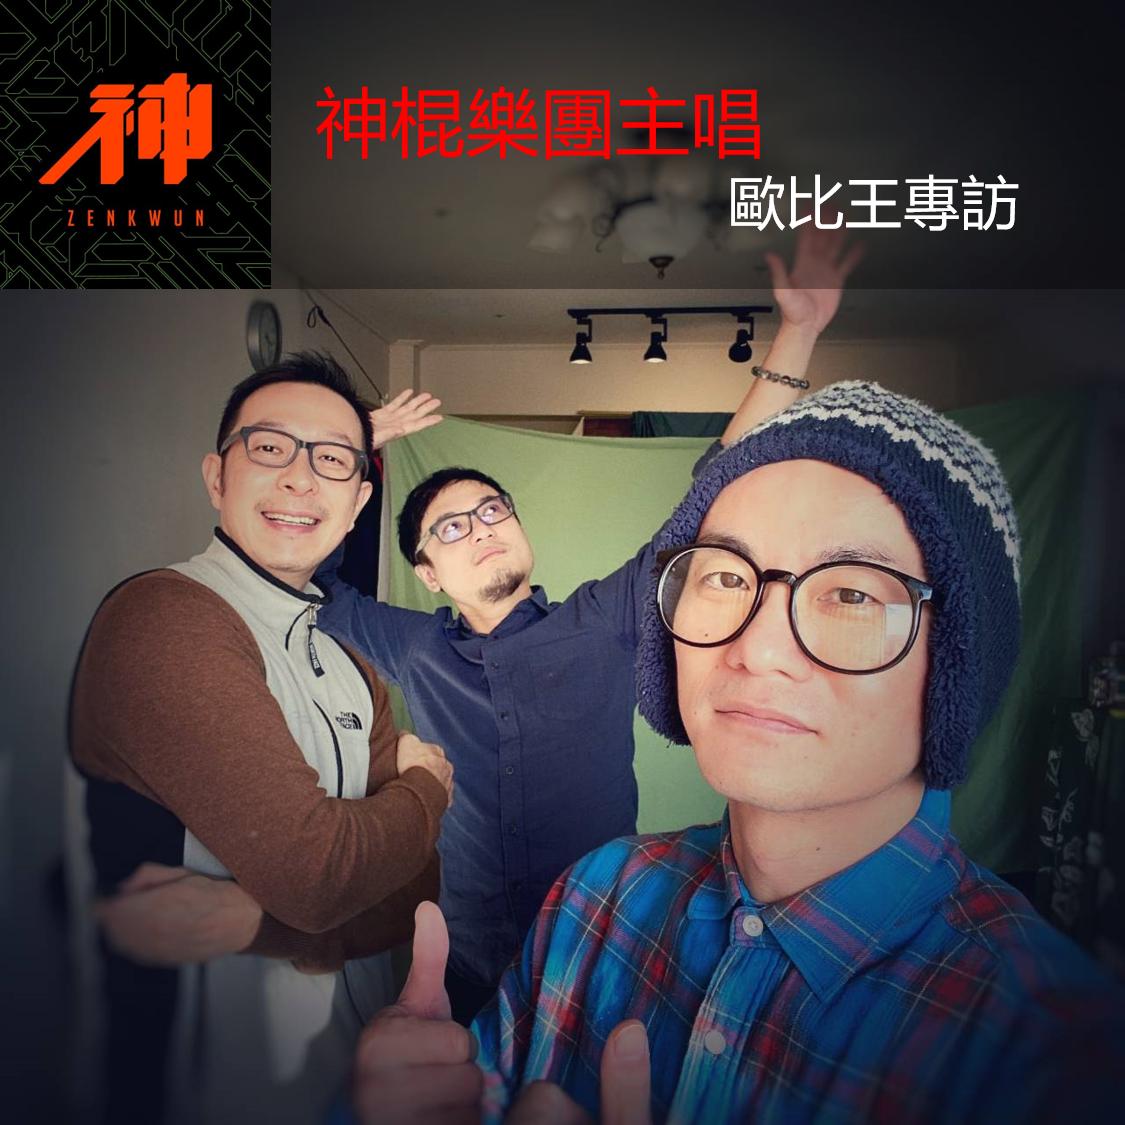 011-金曲獎入圍之神棍樂團主唱訪問下集